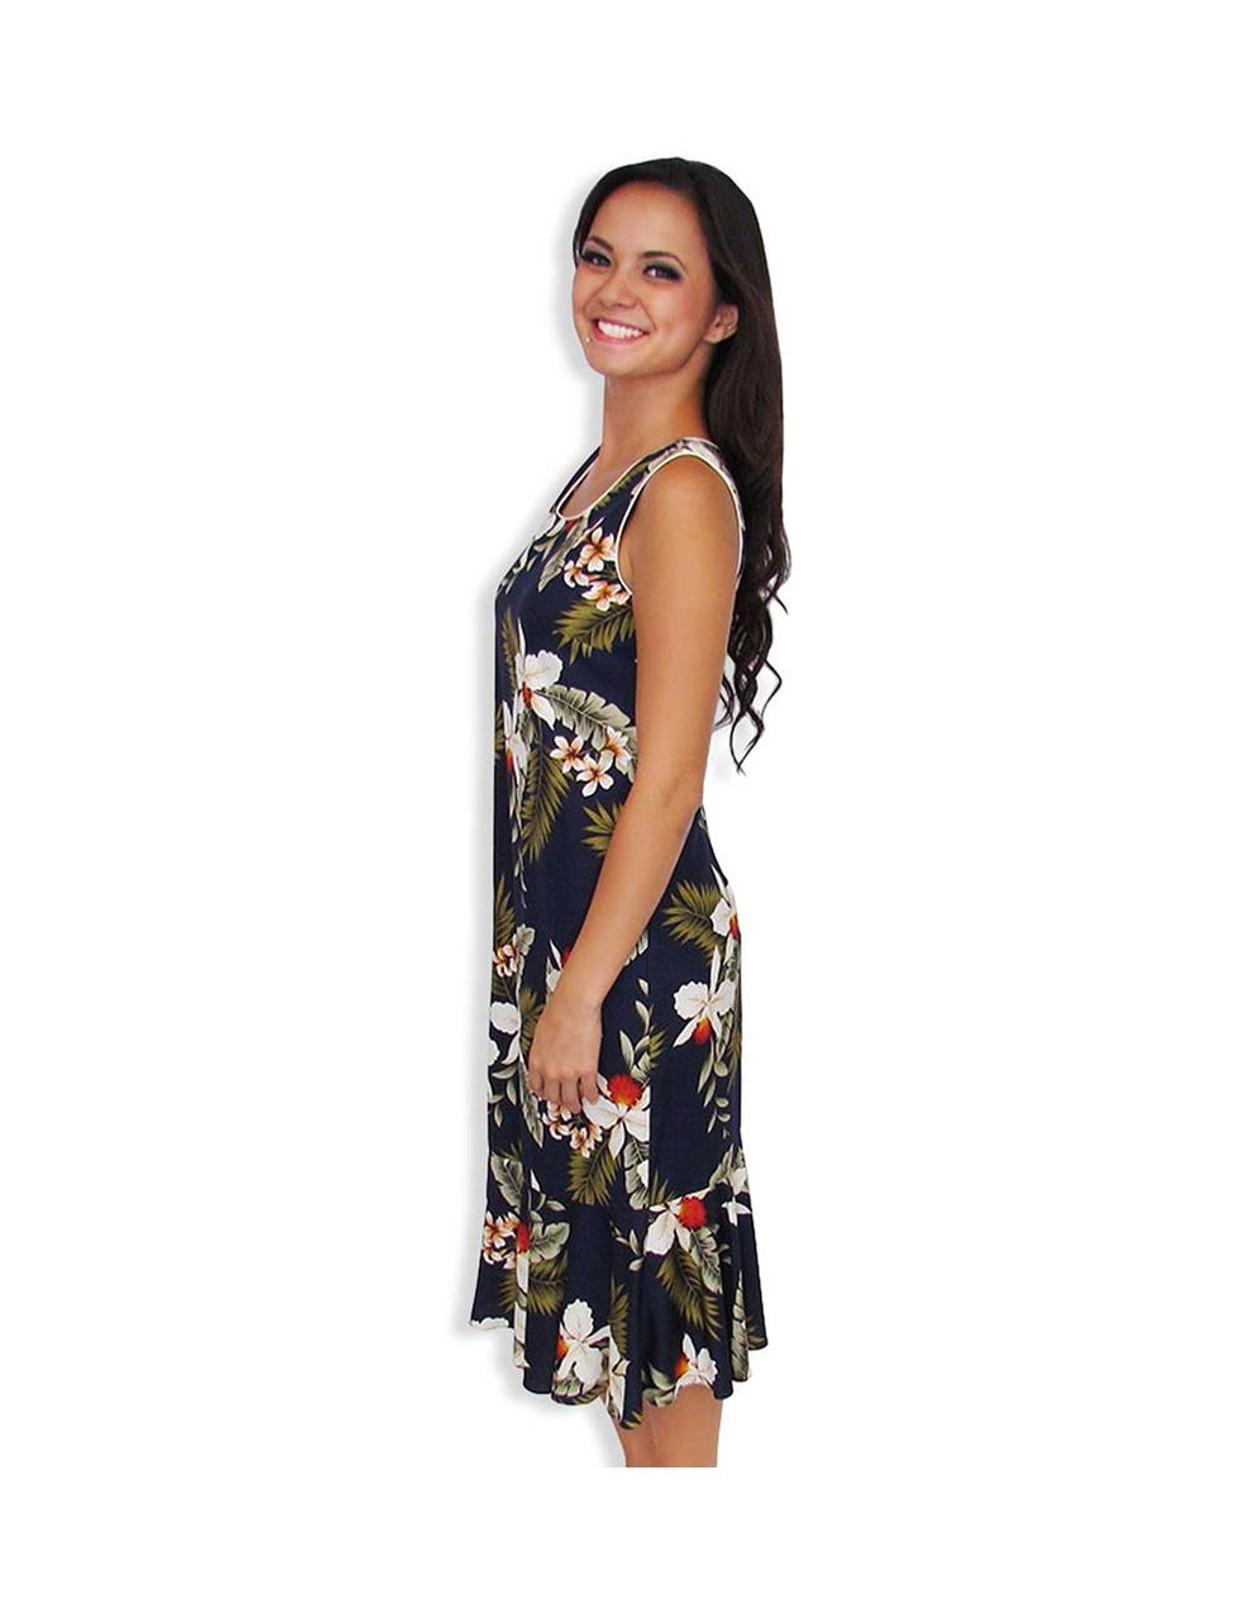 01e6a5e5b30ab Hawaiian Tank Dress Mid Length Hanapepe Navy 100% Rayon Soft Fabric  Neckline Piping Hidden Back